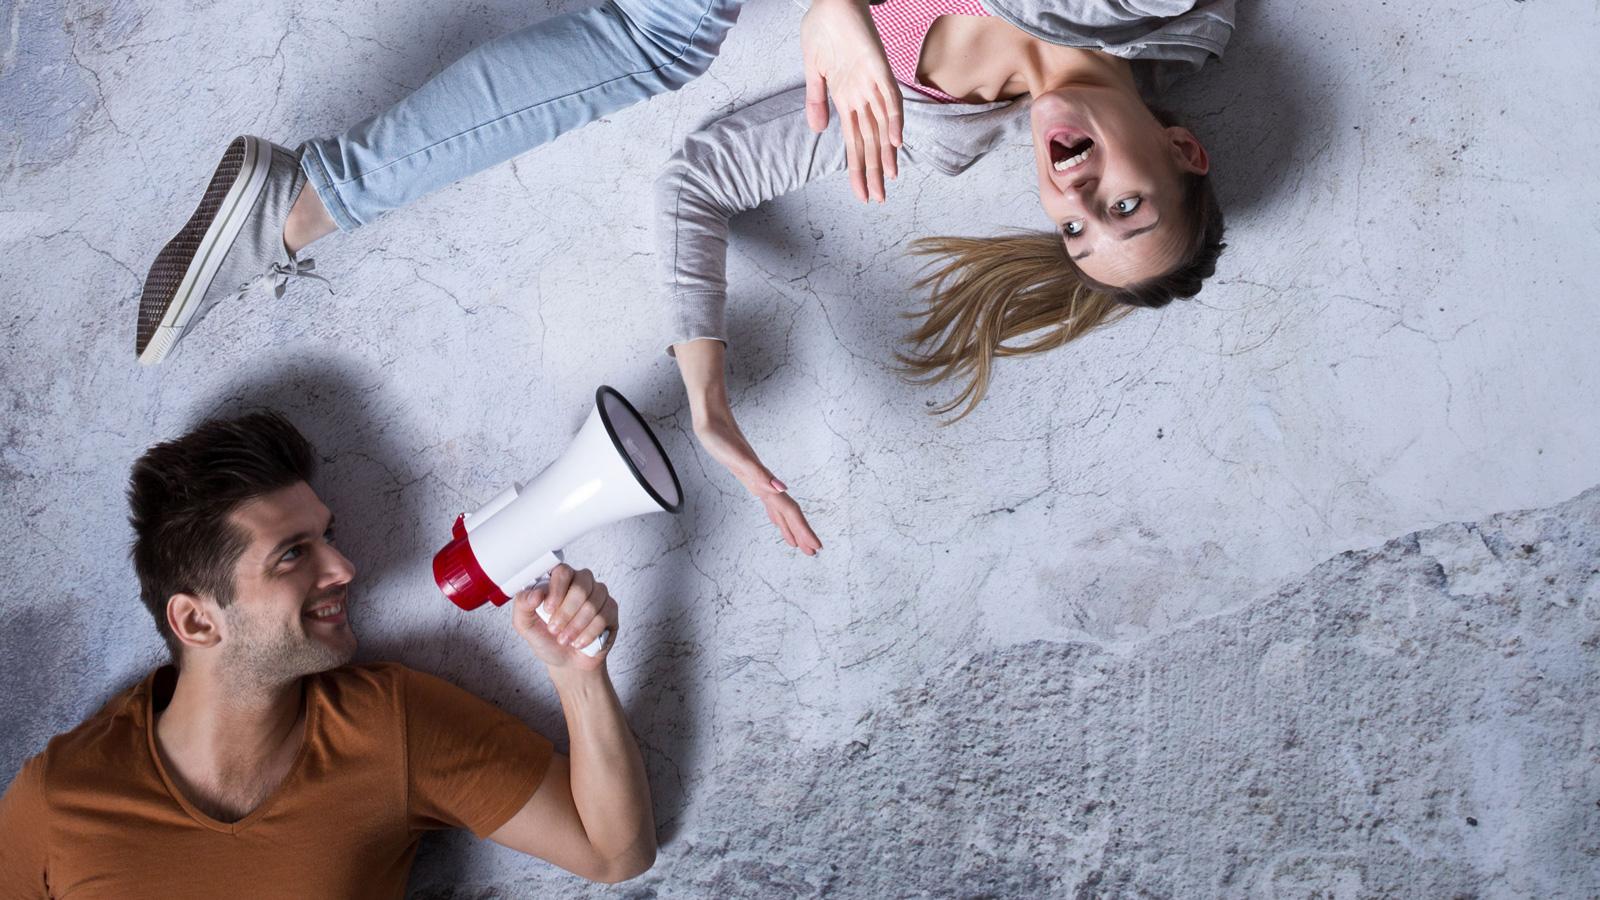 Jak prawidłowo komunikować zmiany? komunikacja mediarun oglaszanie zmiany komunikacja 2020